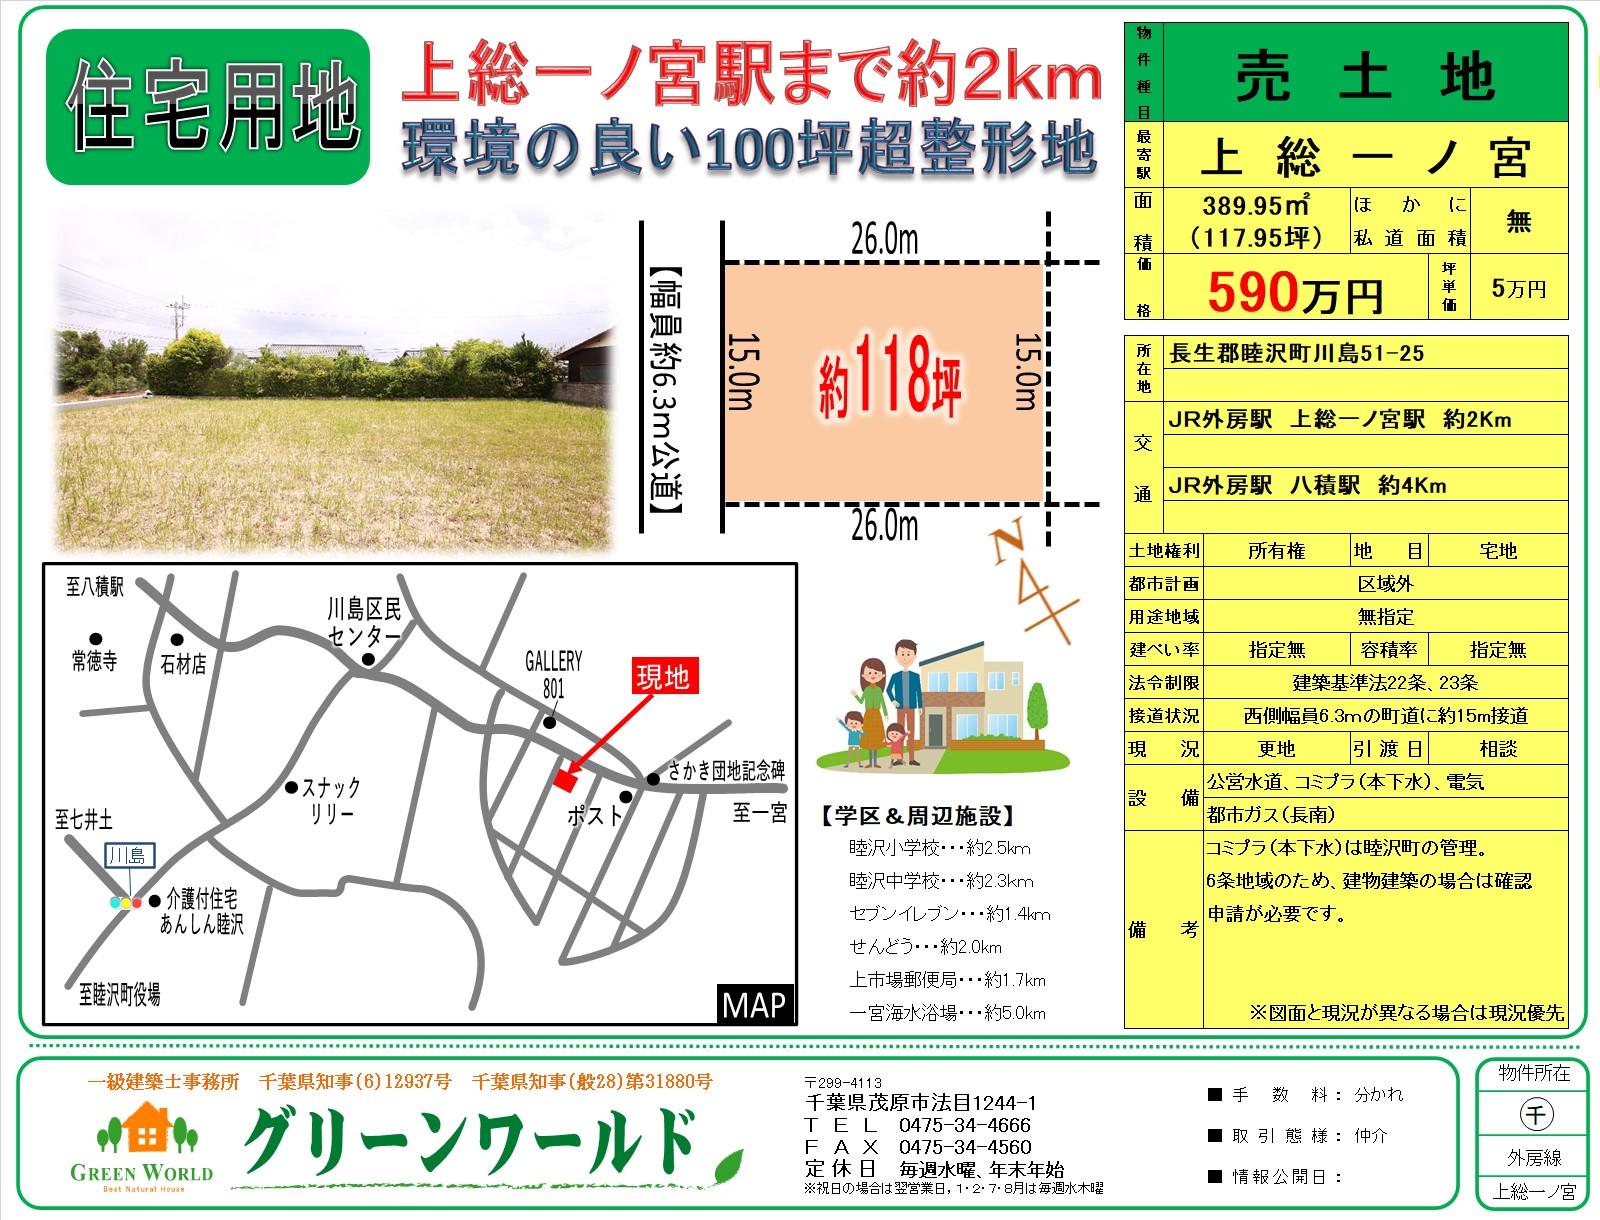 【売土地】睦沢町川島118坪